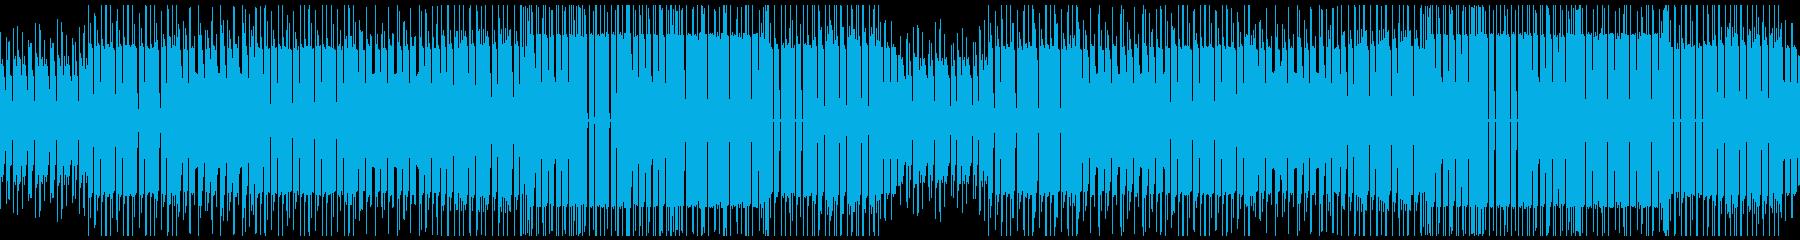 FC風ループ 山麓の再生済みの波形